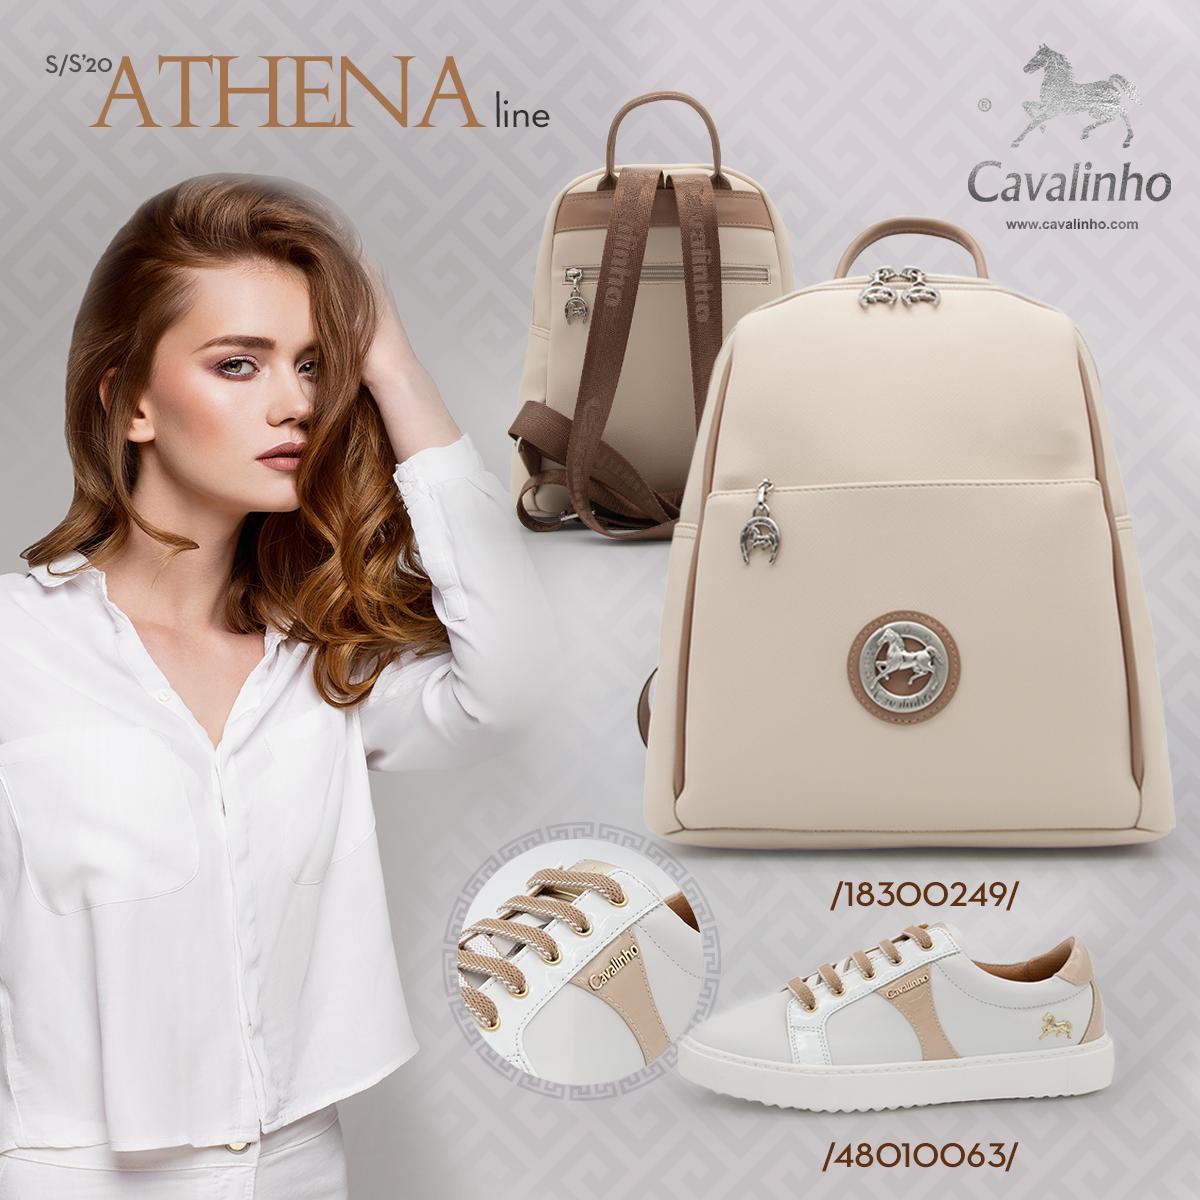 athena_16_03